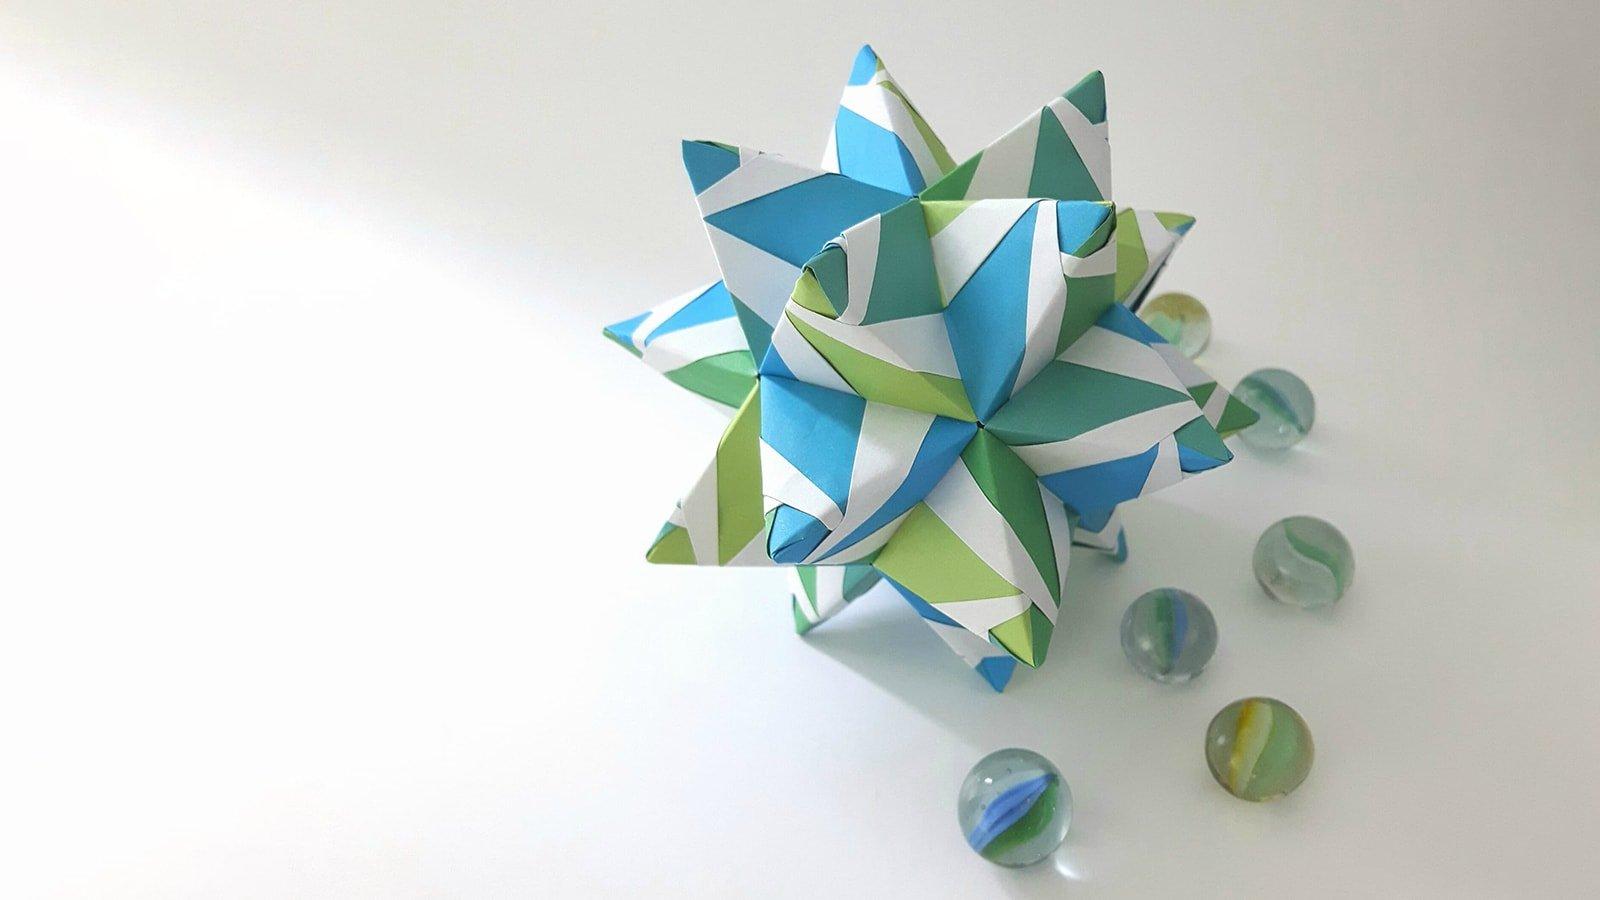 Best modular origami of 2018